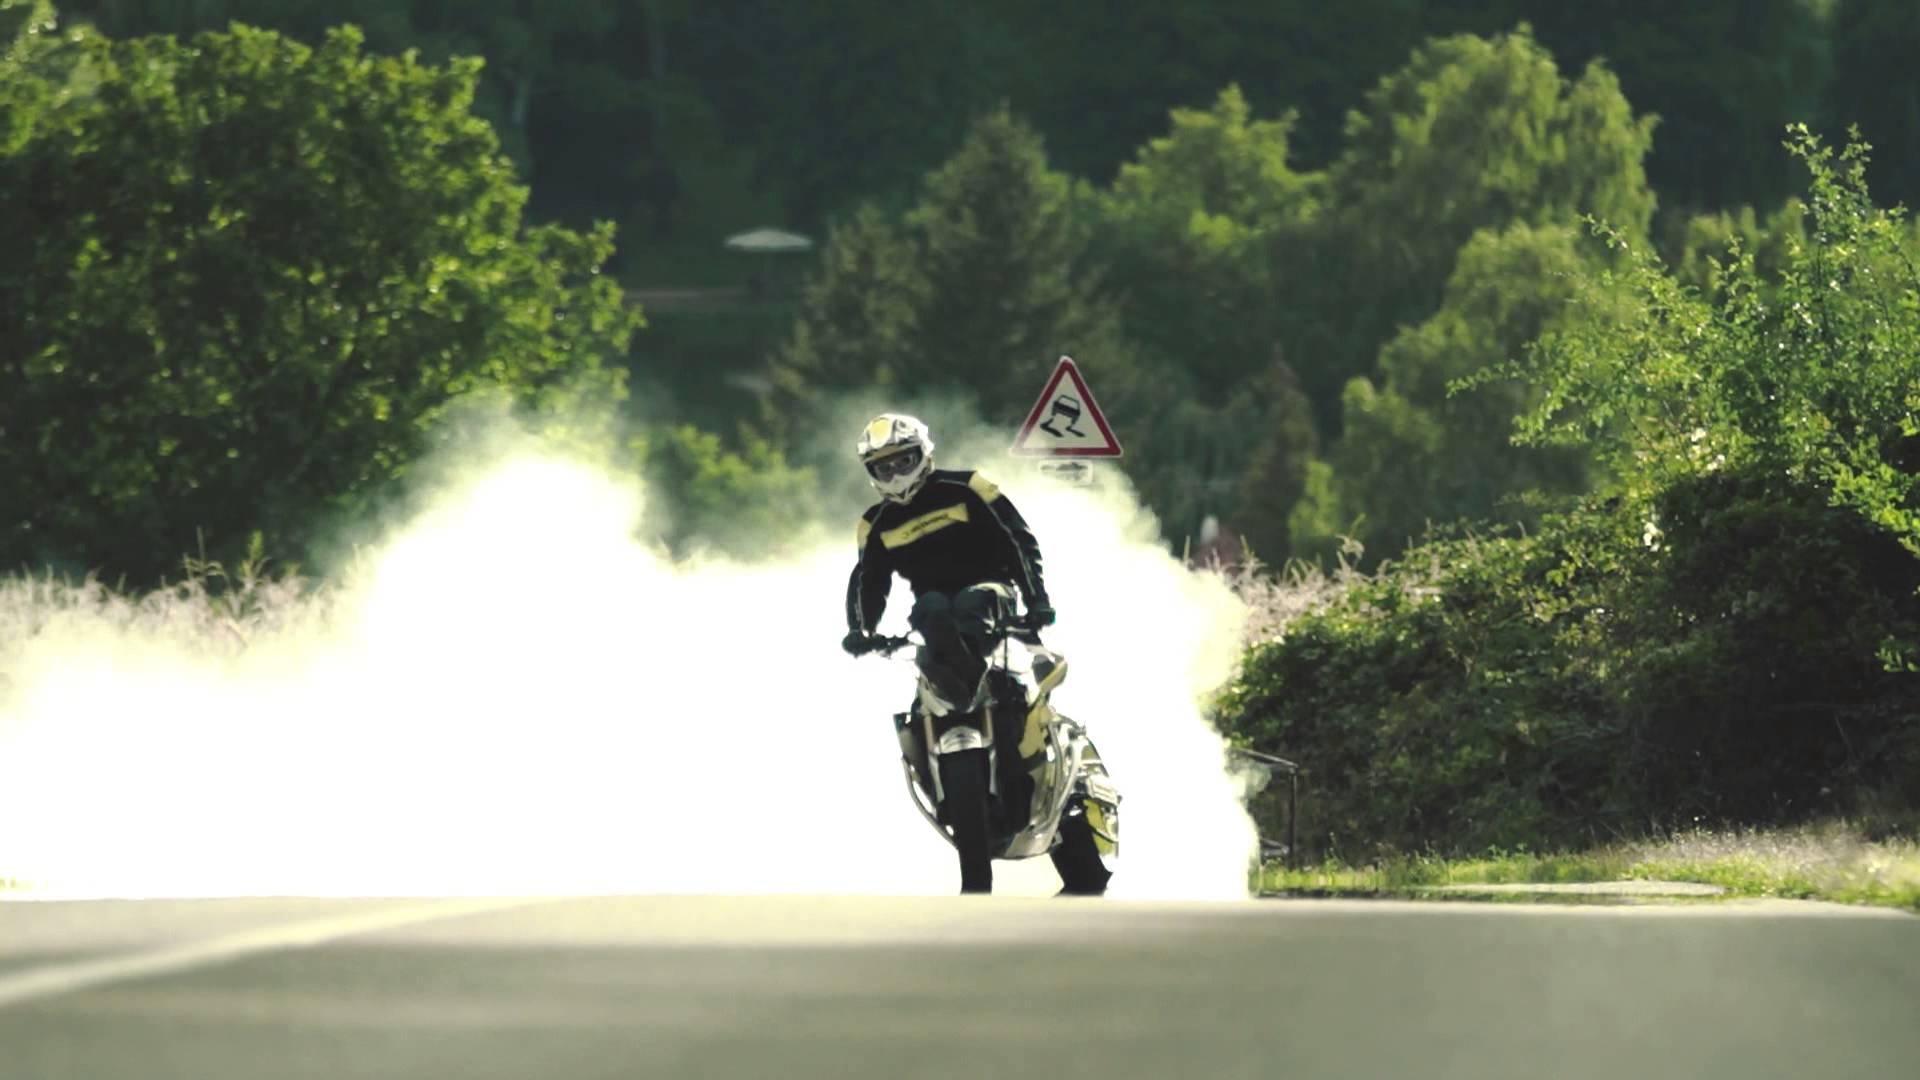 ride turn burn trailer by instar films